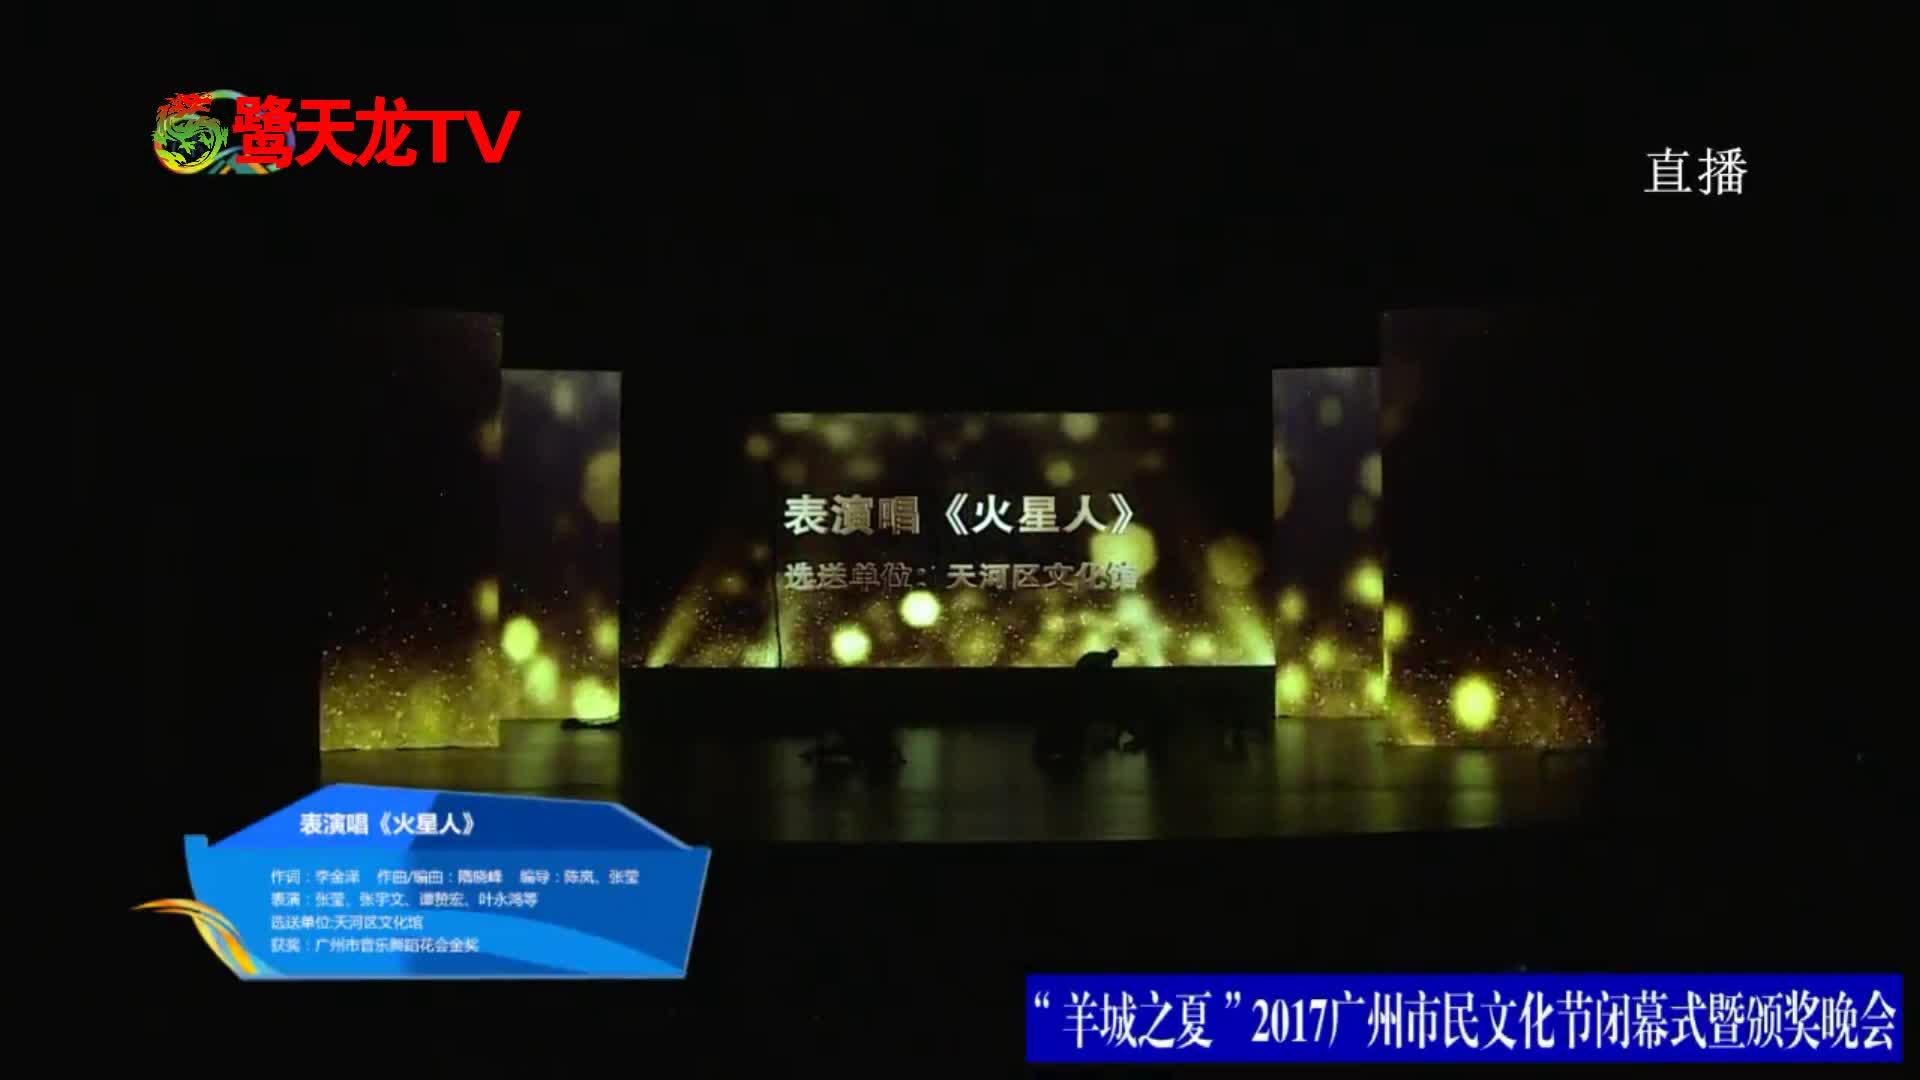 2017广州市民文化节闭幕式暨颁奖晚会表演《火星人》